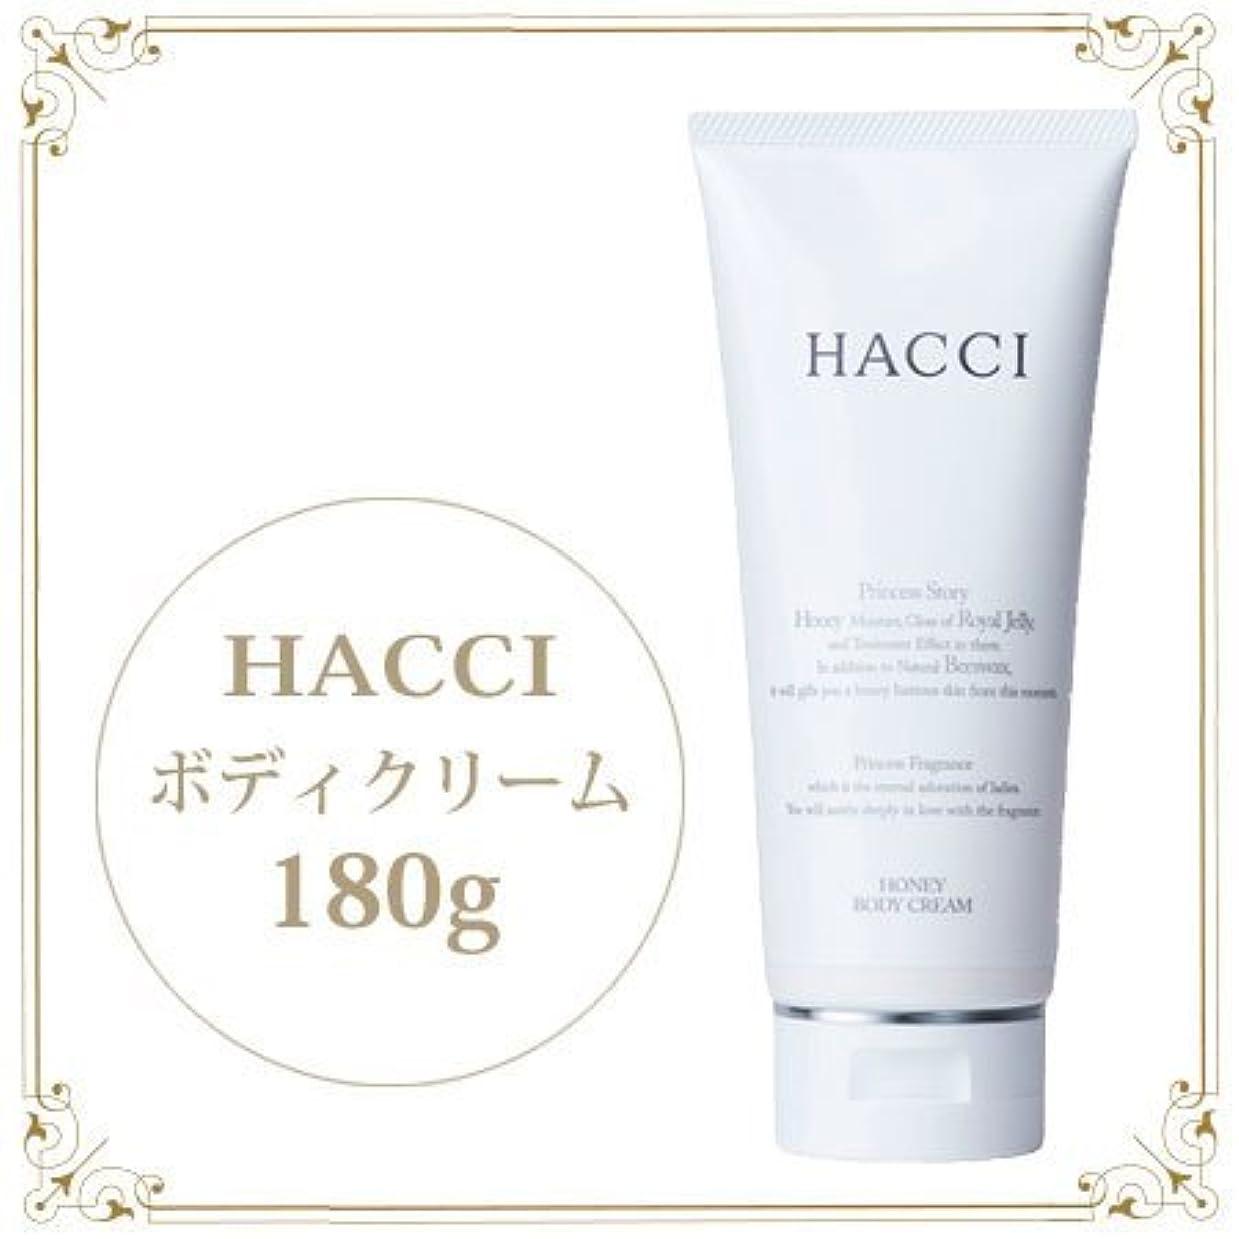 大気軽減信頼性のあるハッチ ボディクリーム 180g -HACCI 1912-